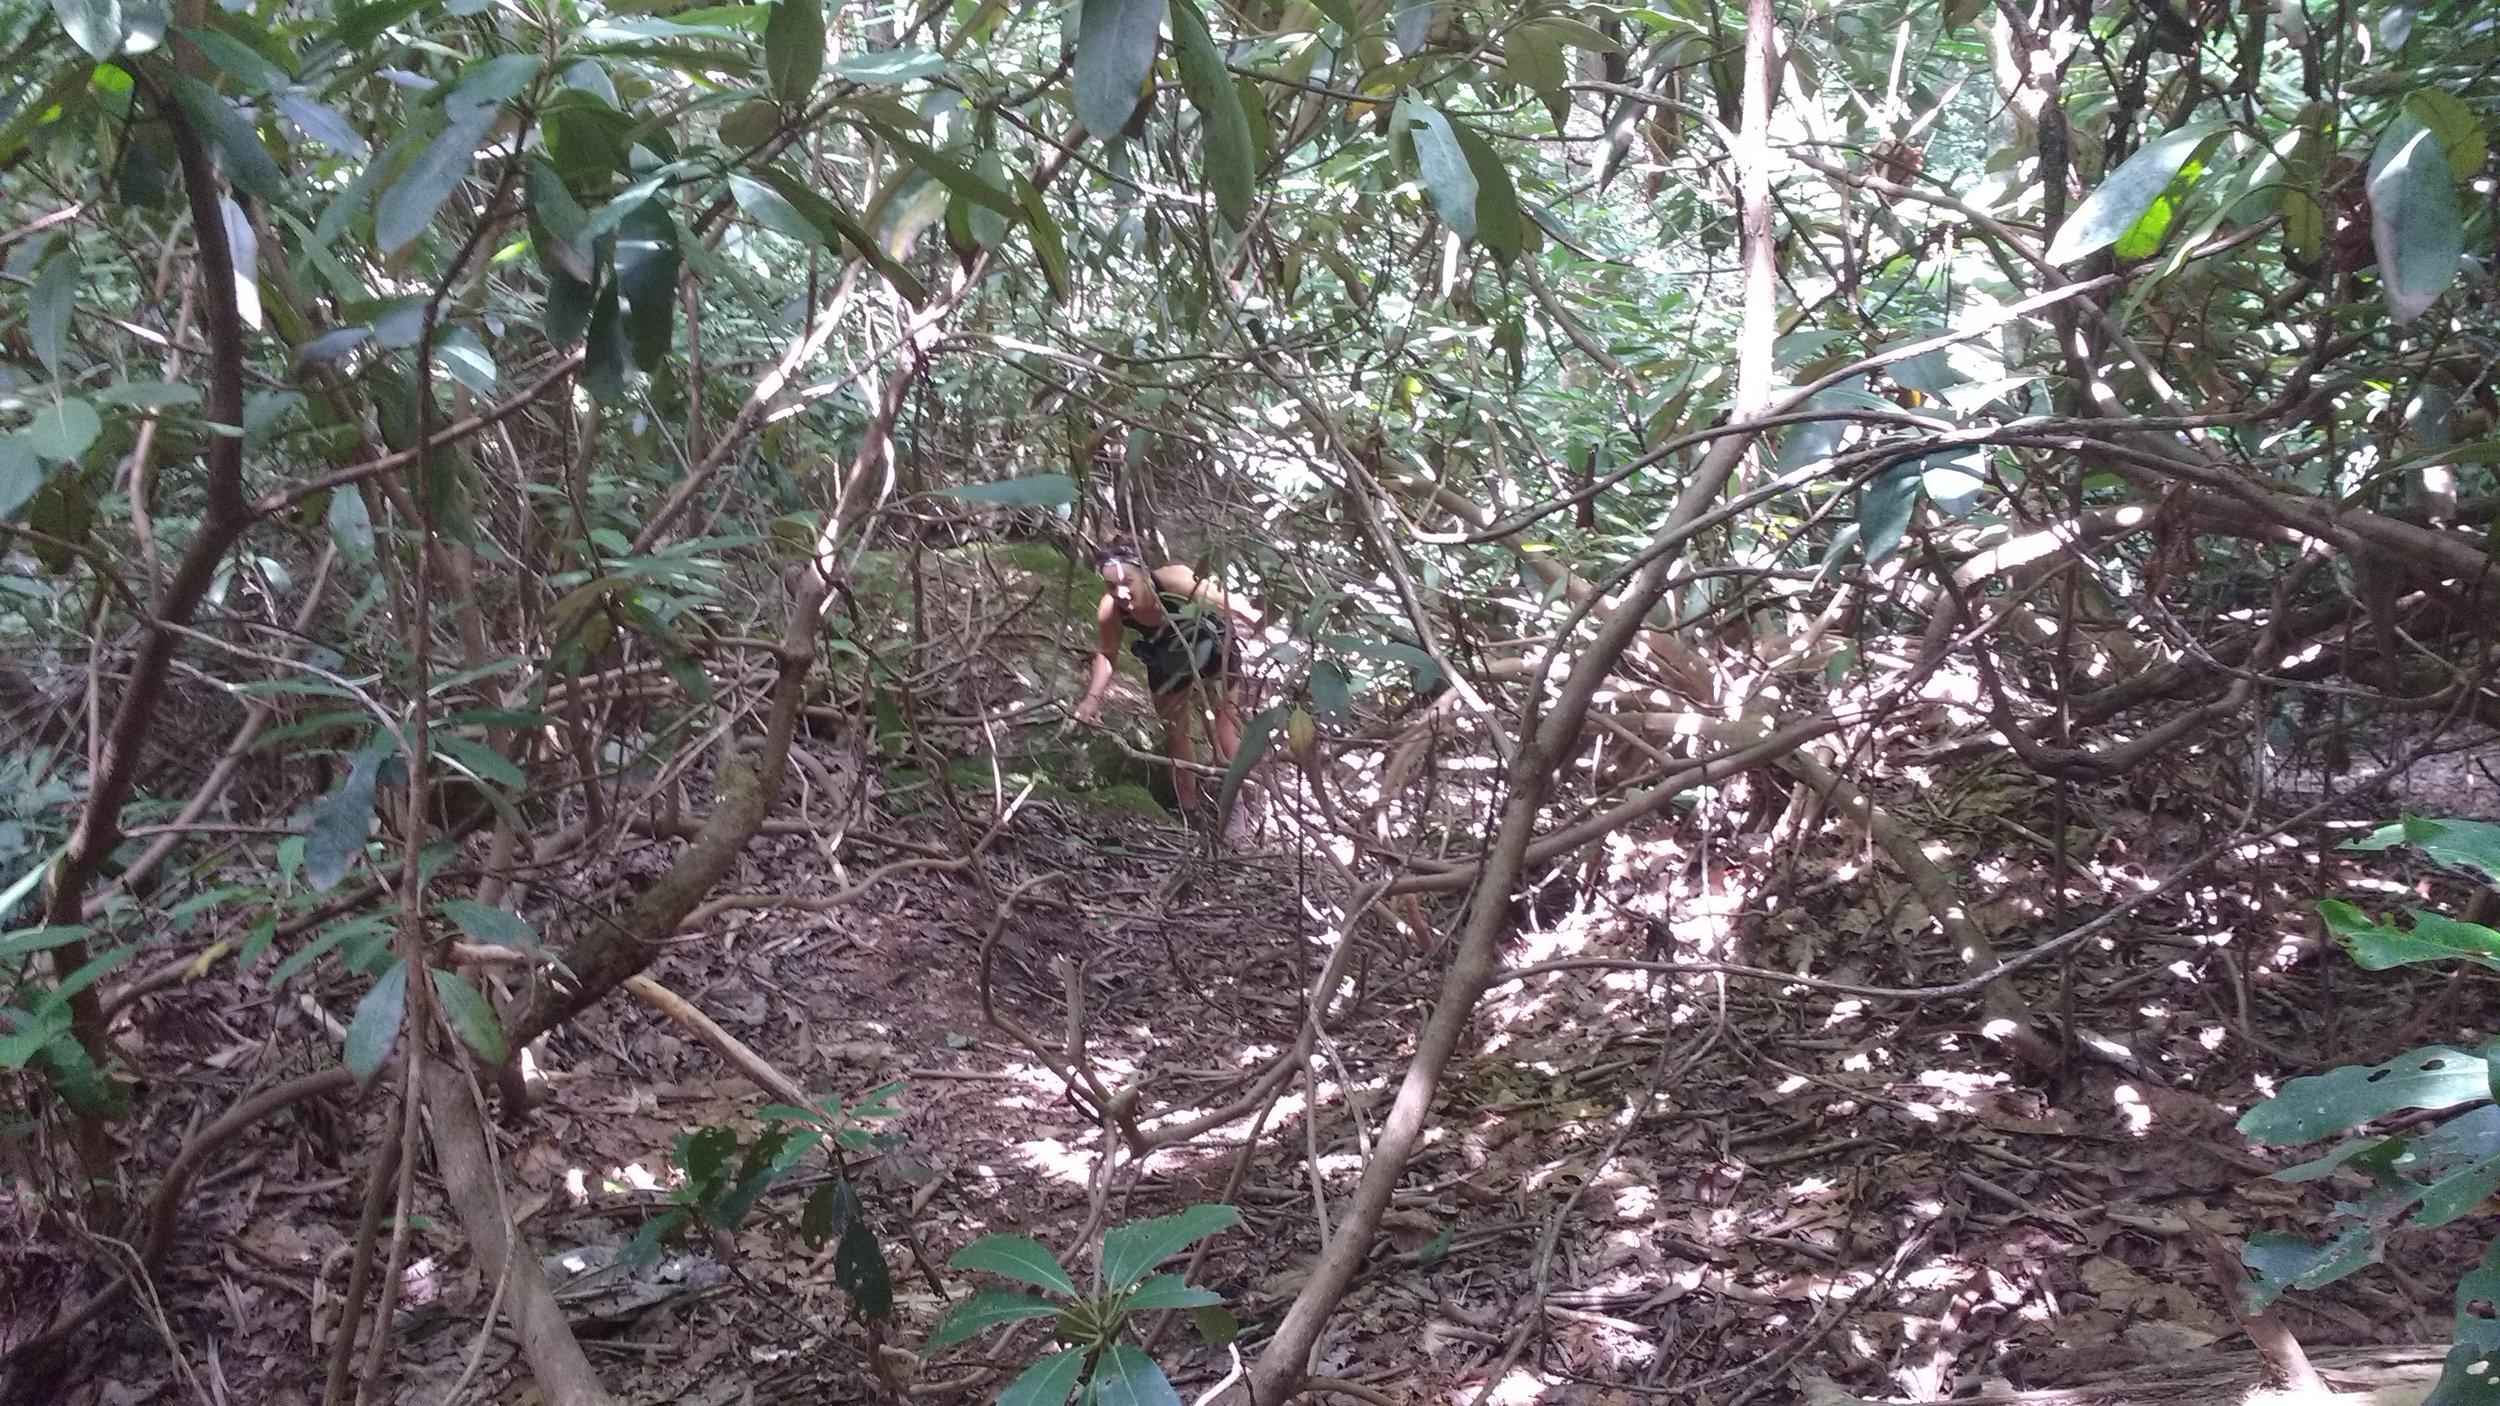 Hiking through the bush near Whittleton Arch